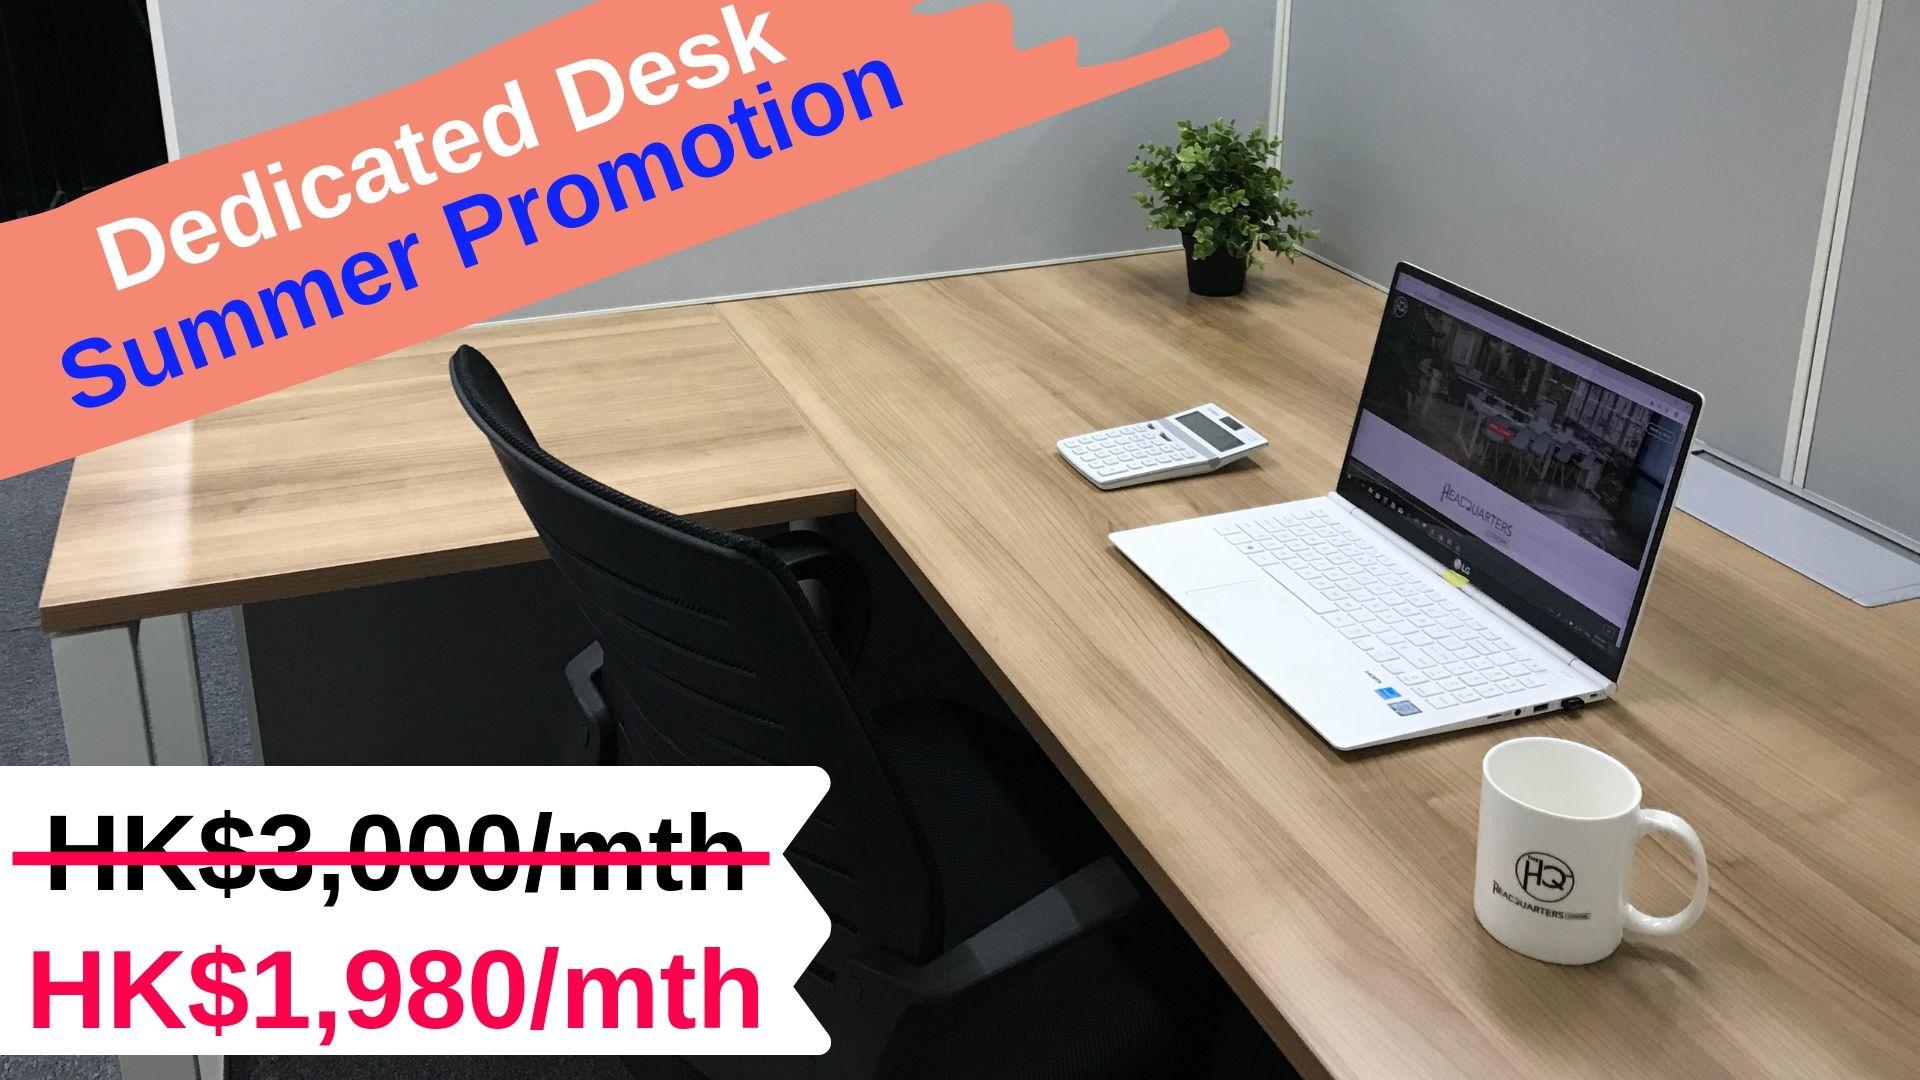 Summer promotion dedicated desk-2.jpg